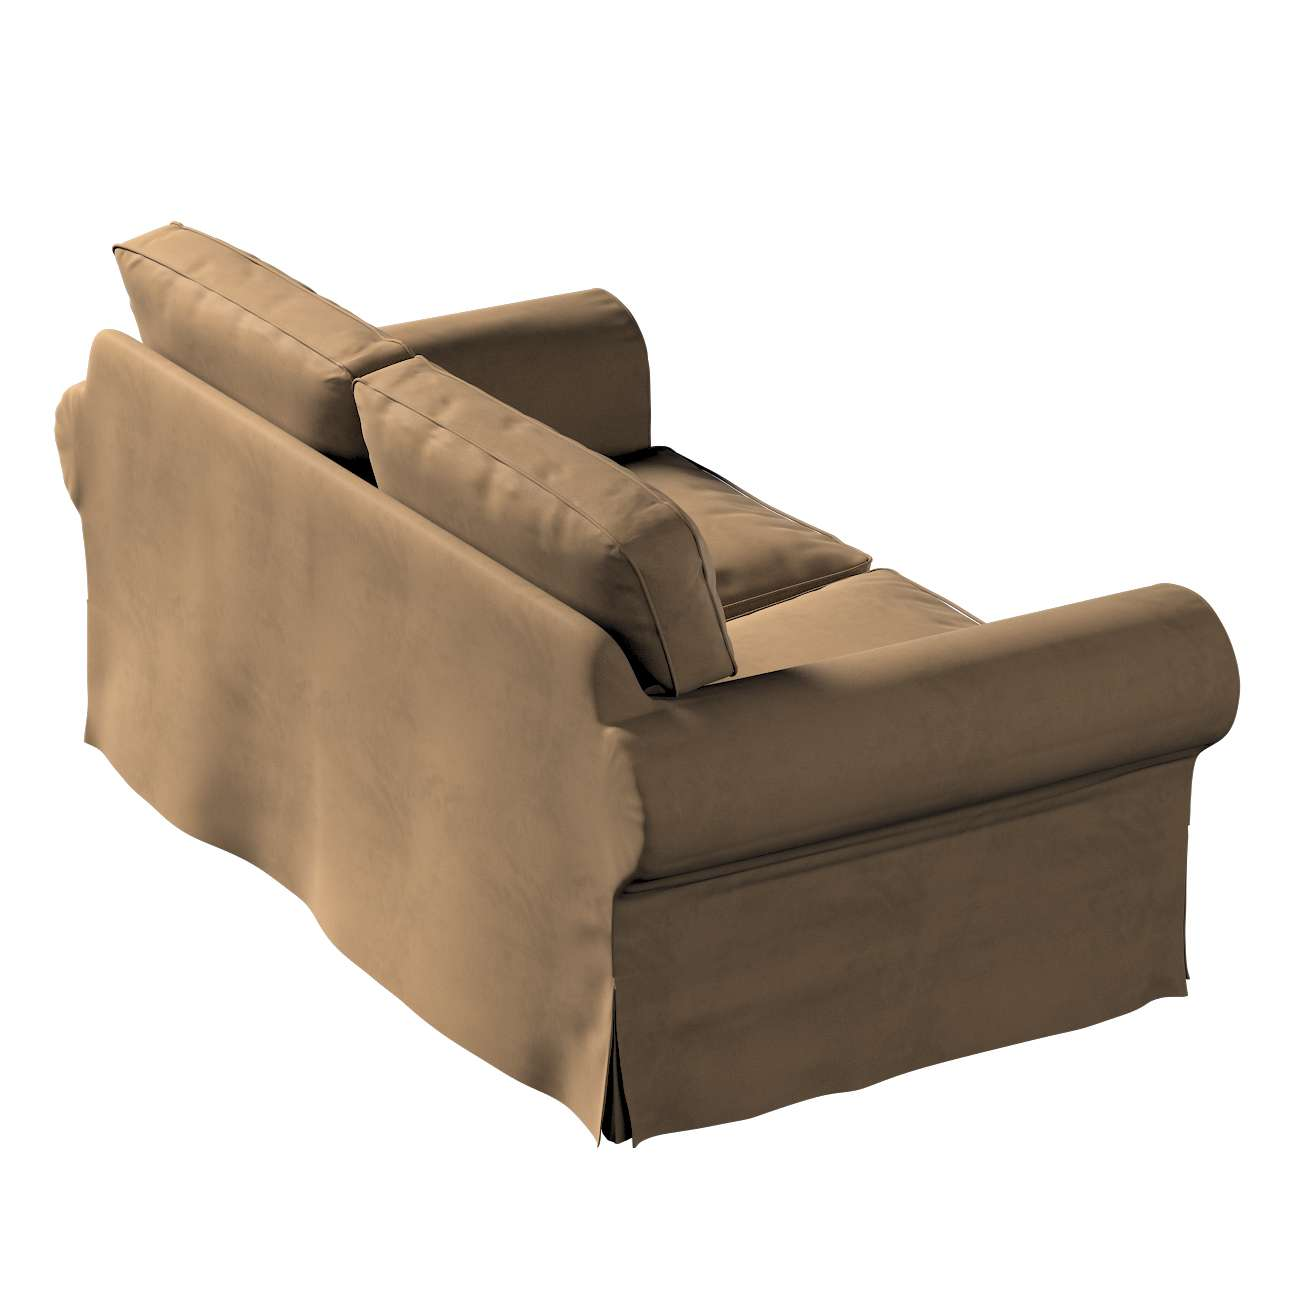 Bezug für Ektorp 2-Sitzer Sofa nicht ausklappbar von der Kollektion Living II, Stoff: 160-94